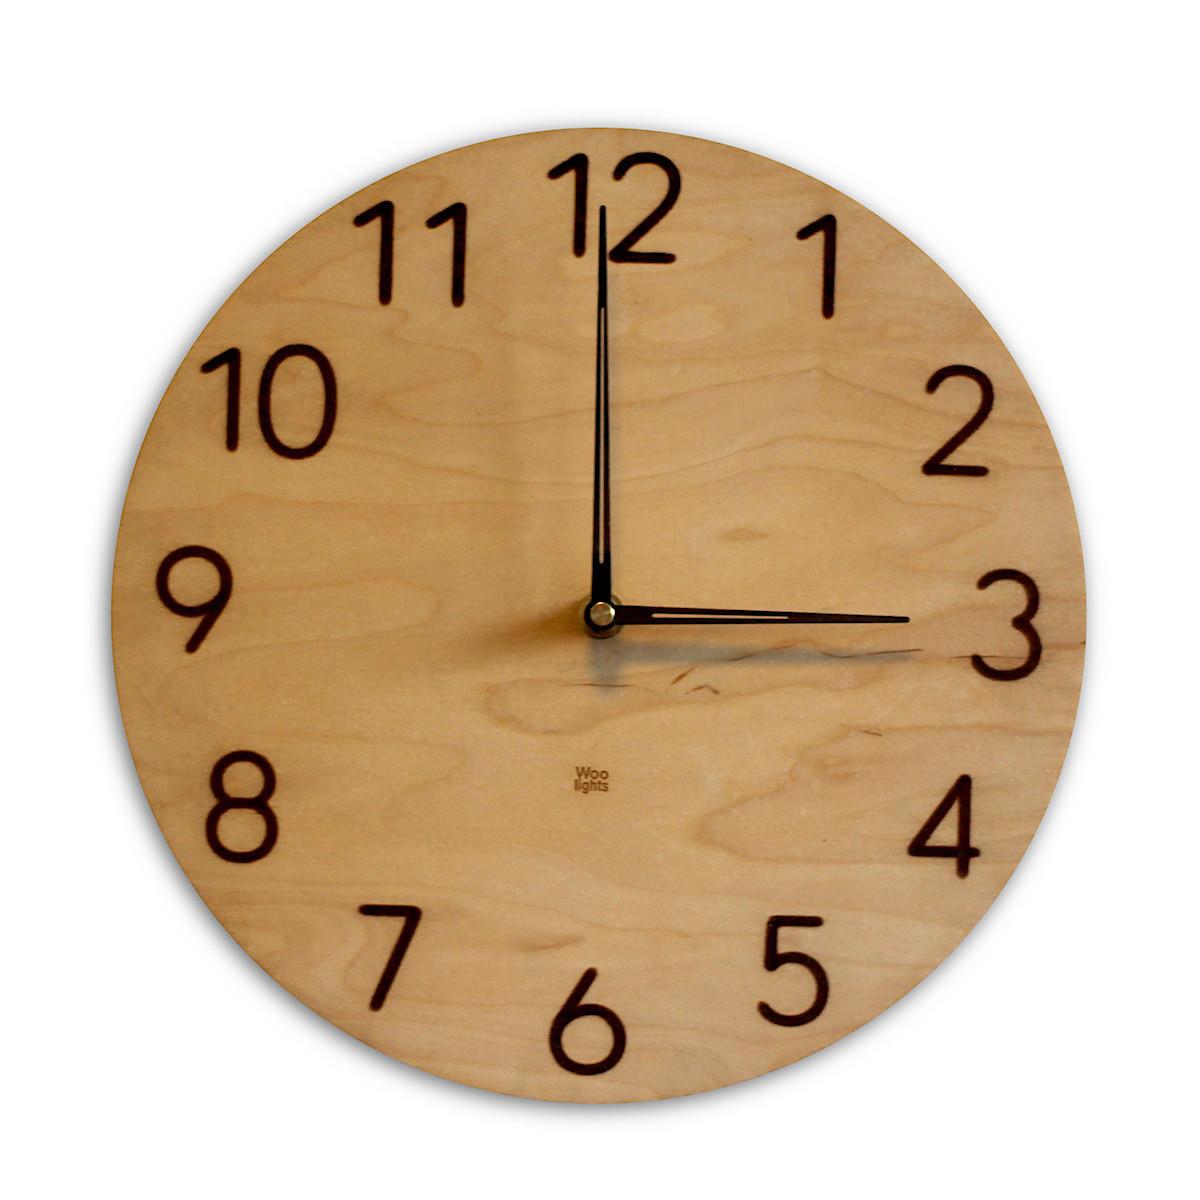 Zegar ścienny duże arabskie cyfry N˚ 3